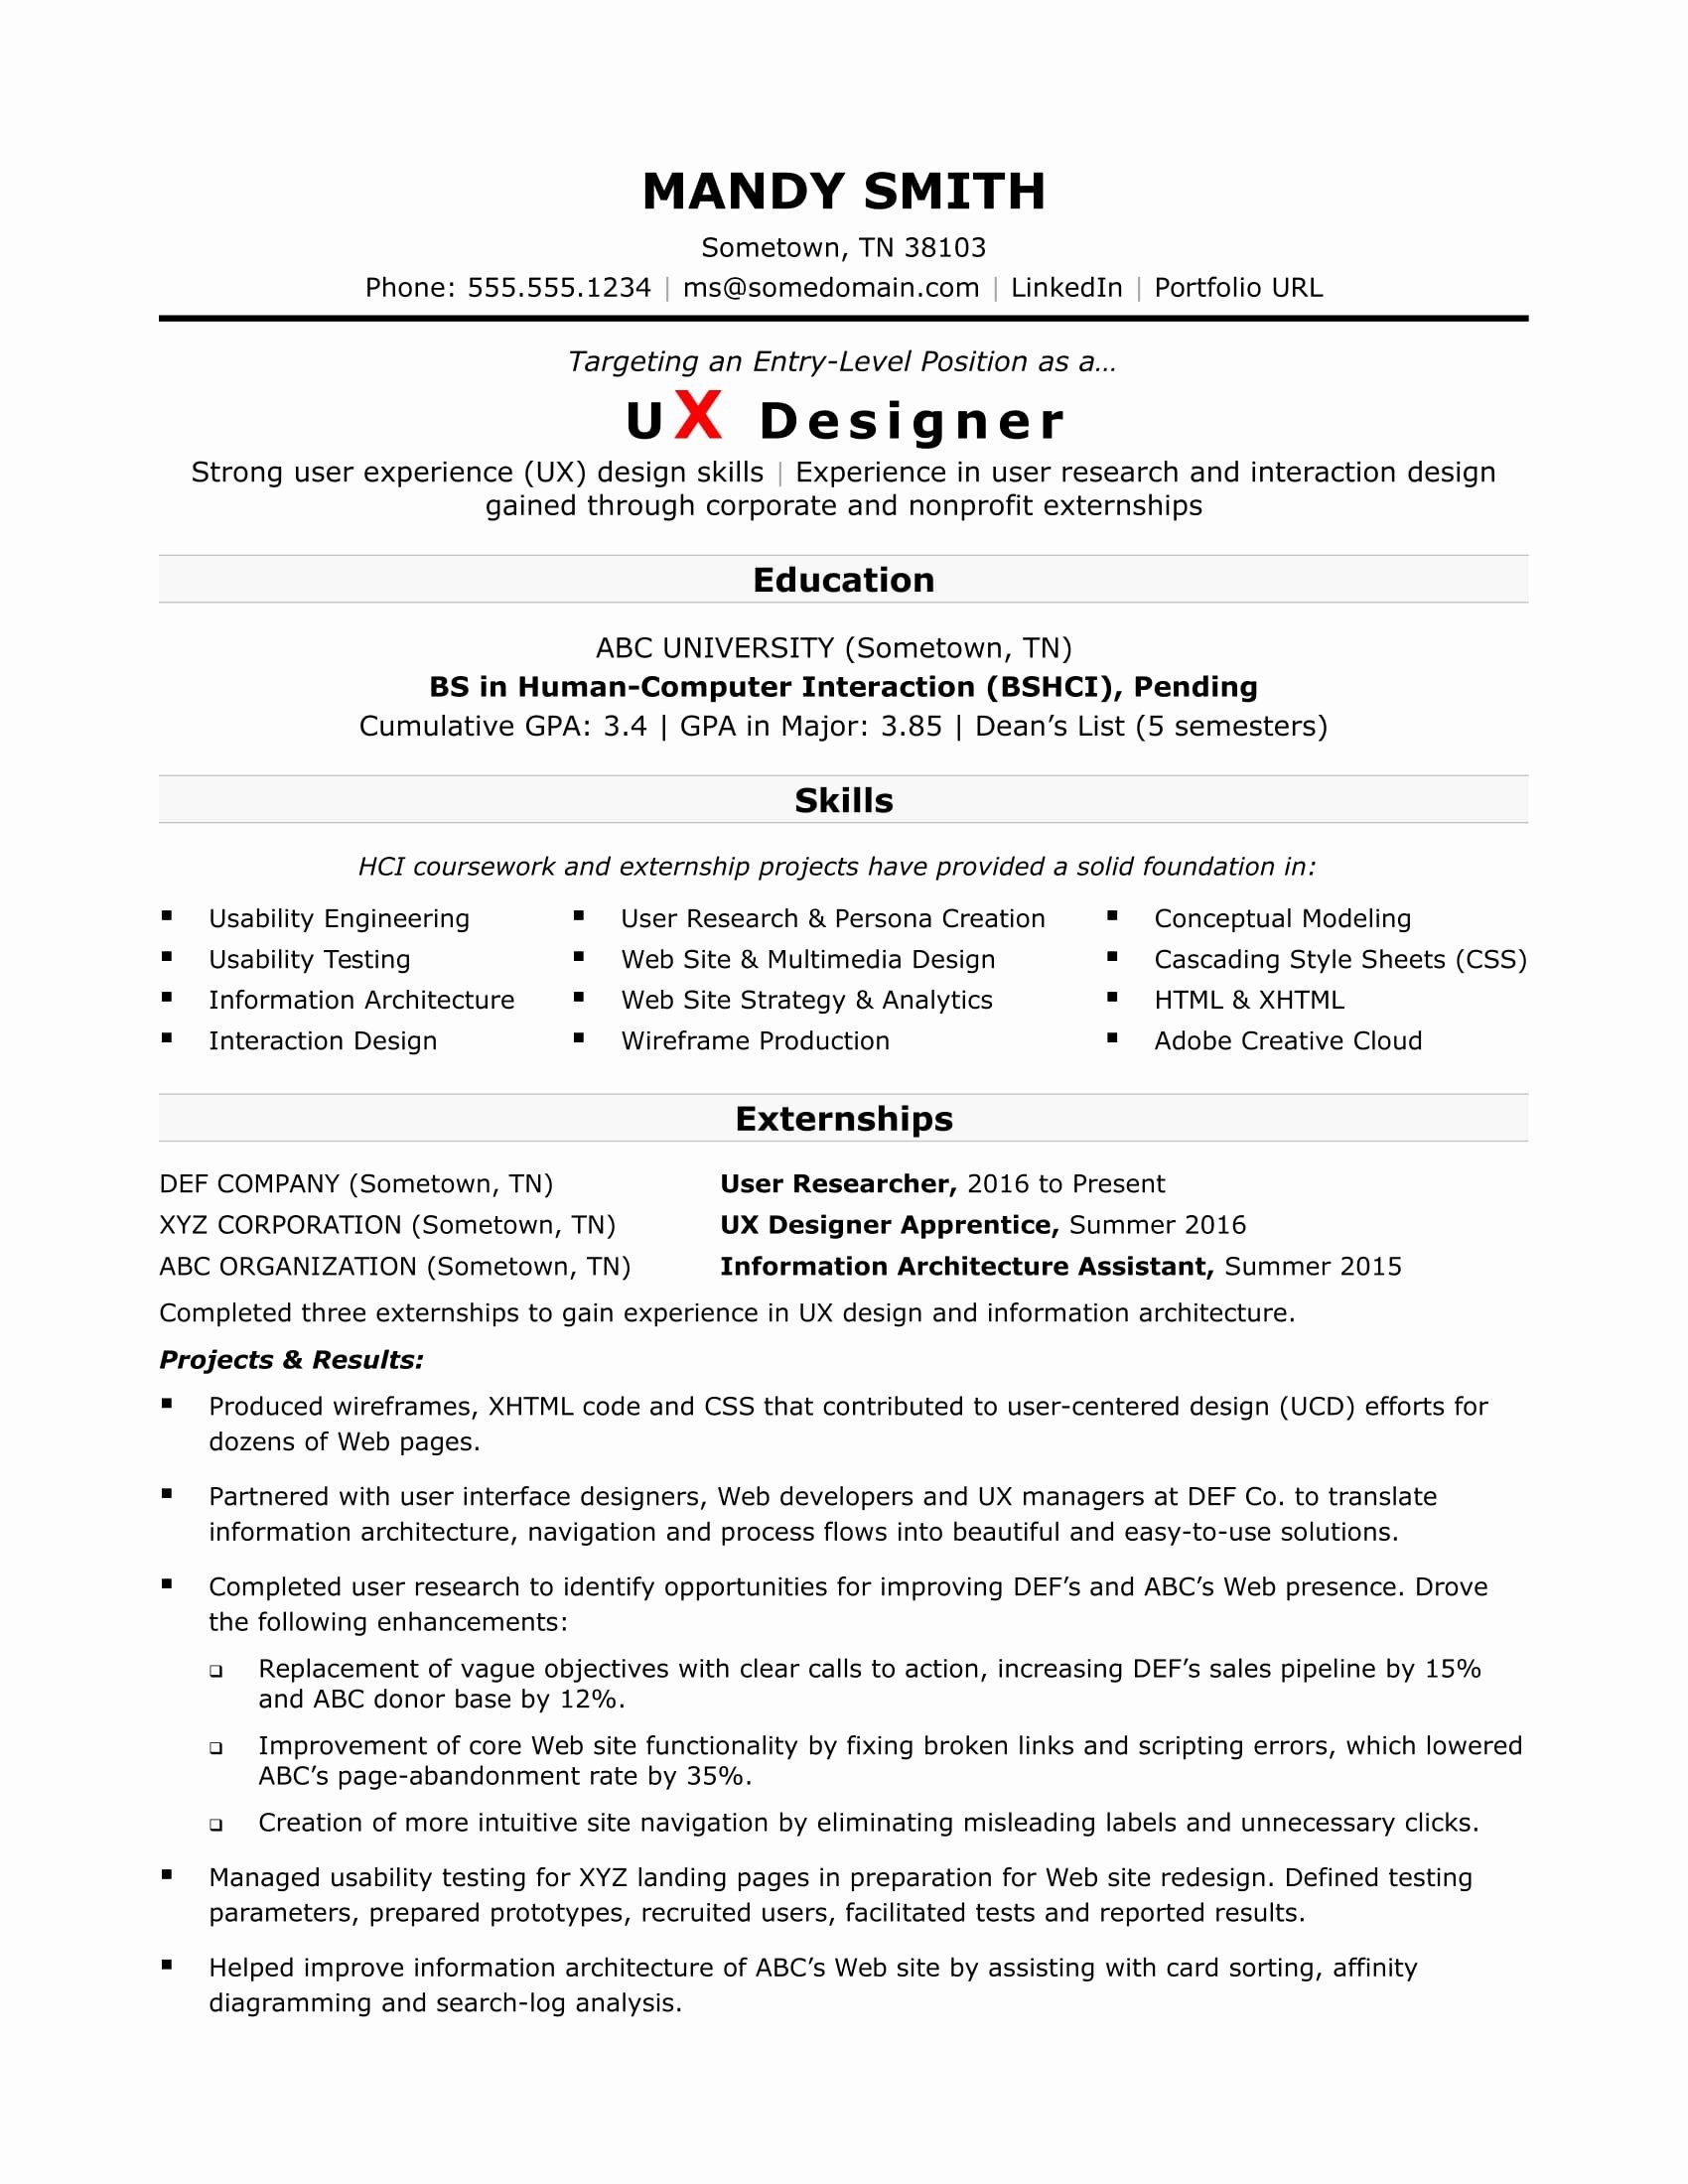 Sample Resume for An Entry Level Ux Designer